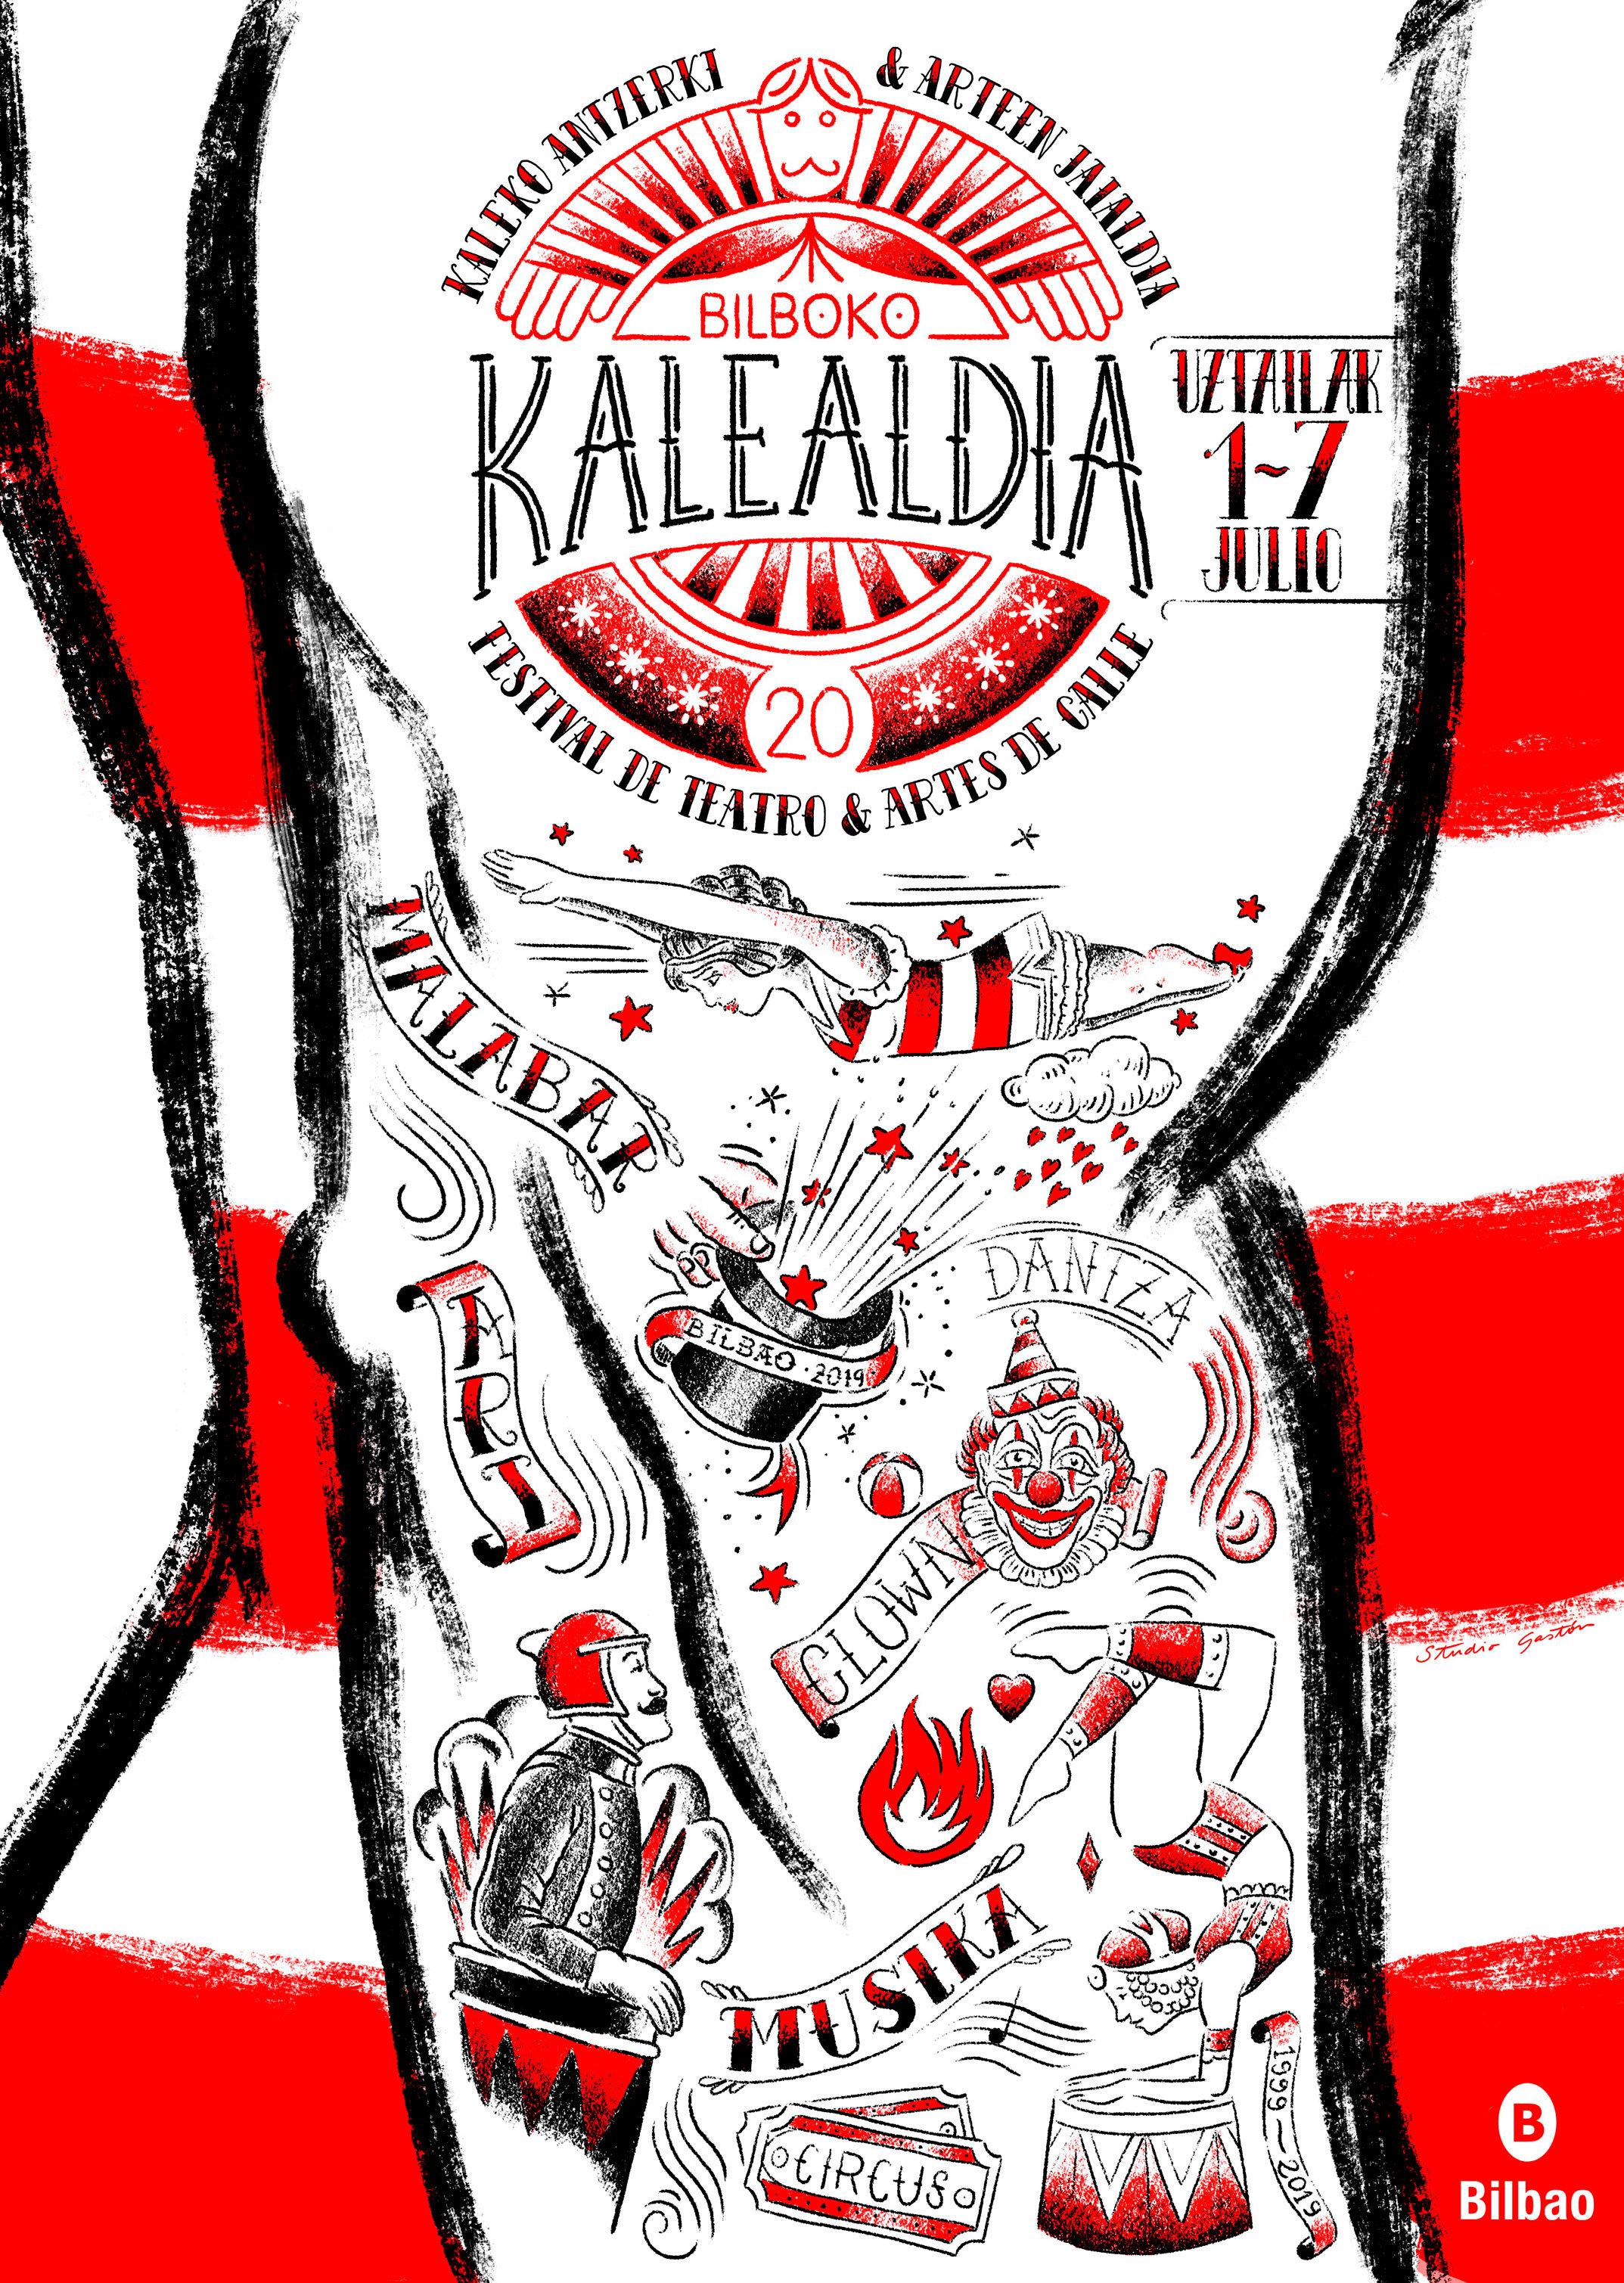 Kalealdia_2019